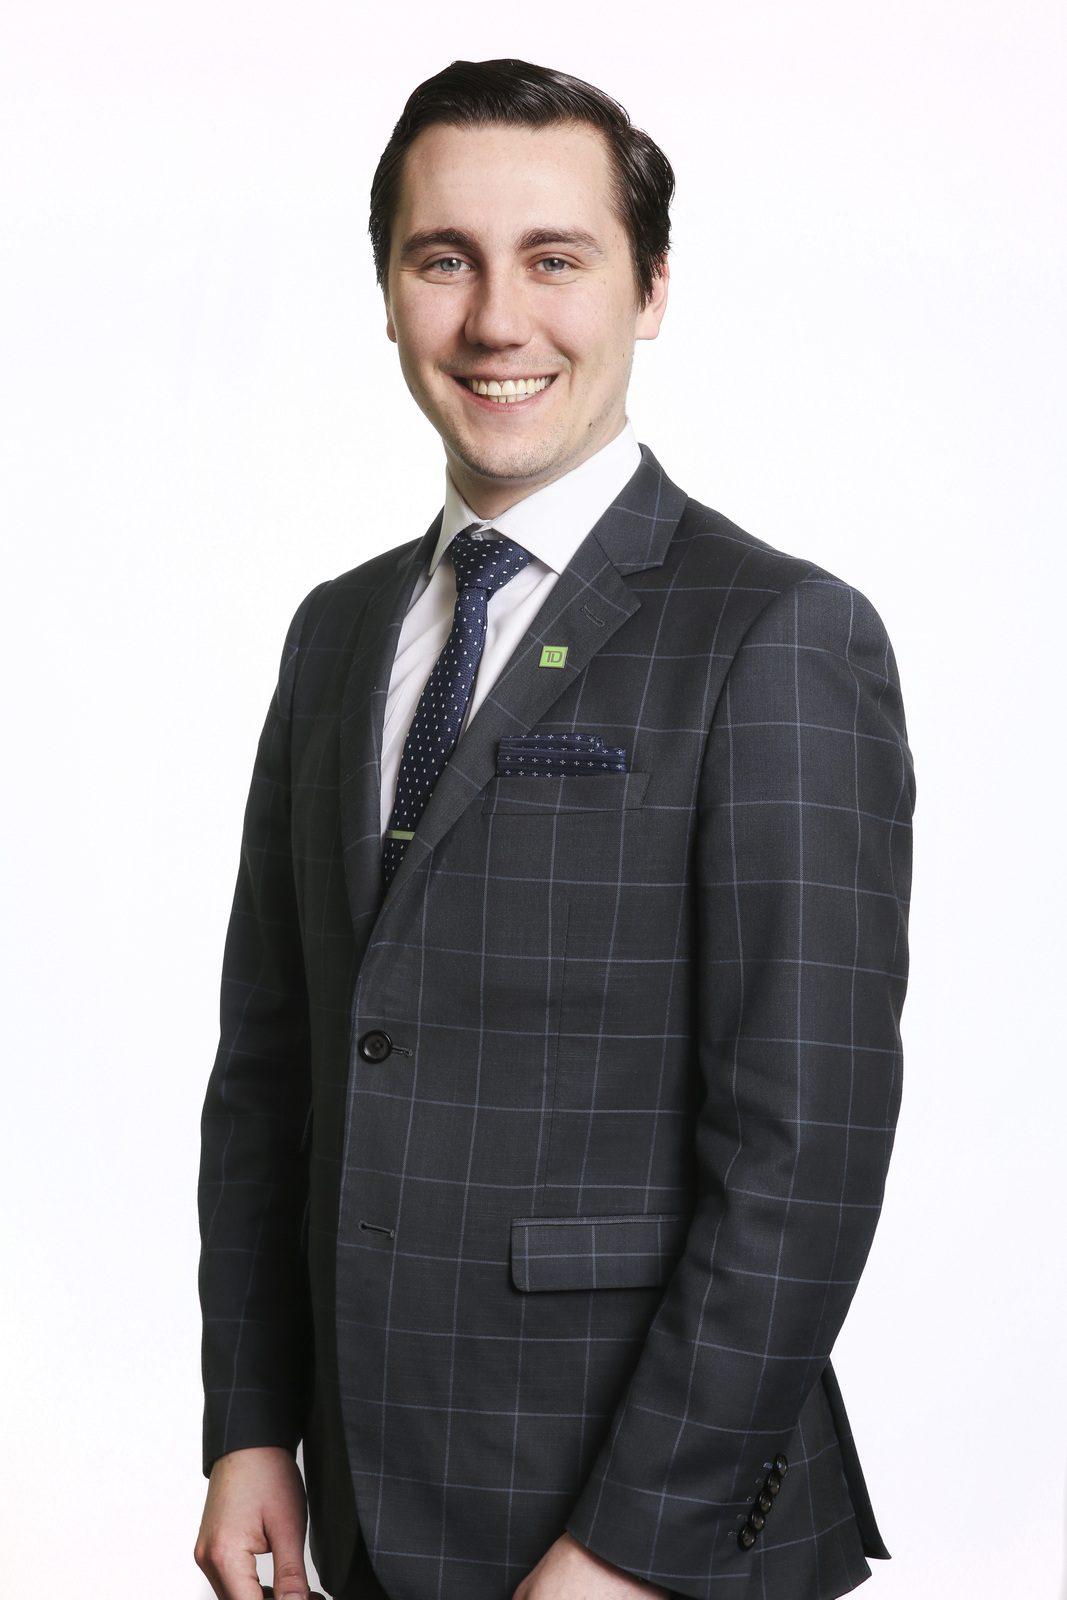 Trenton Beaty - TD Investment Specialist